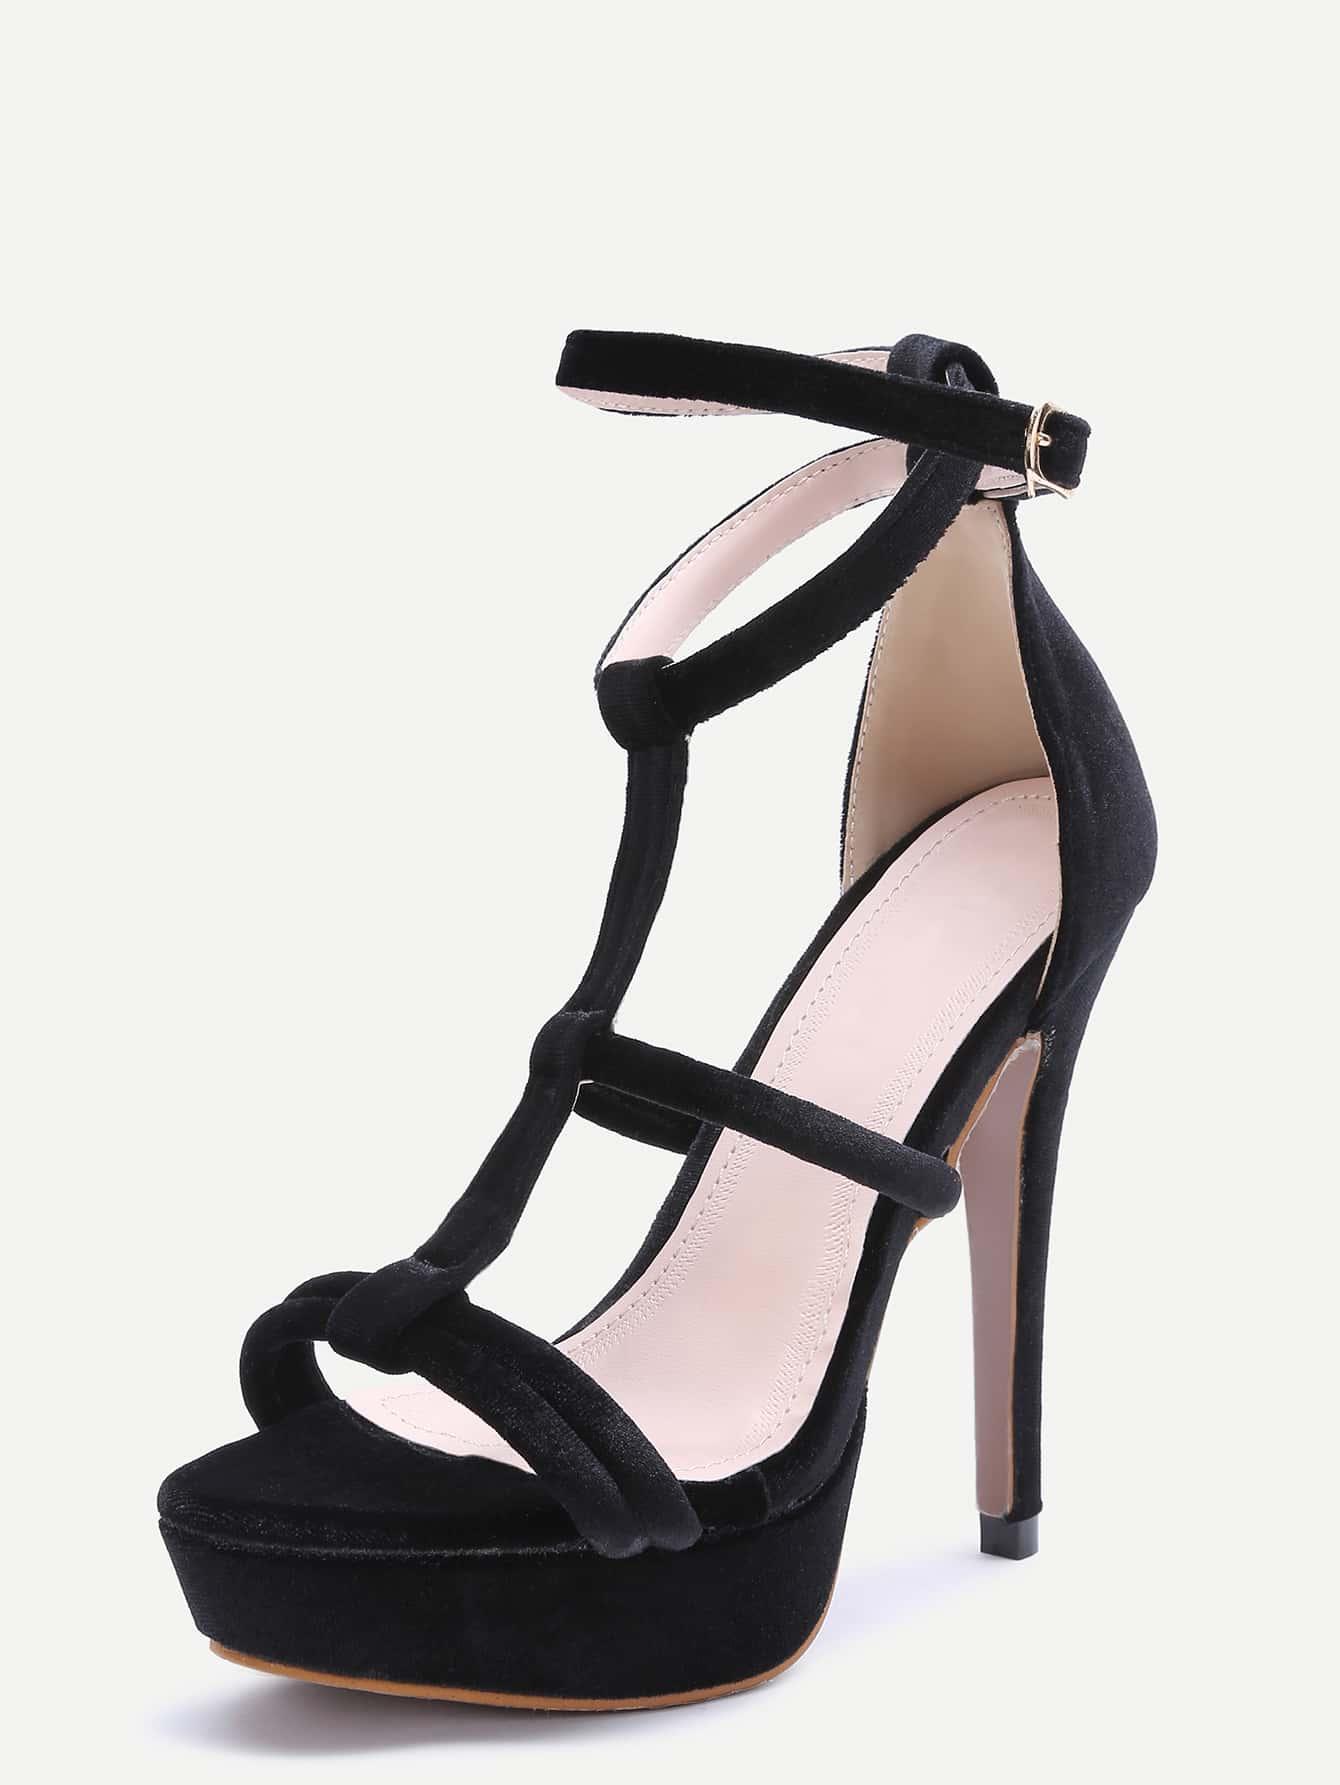 shoes161220807_2